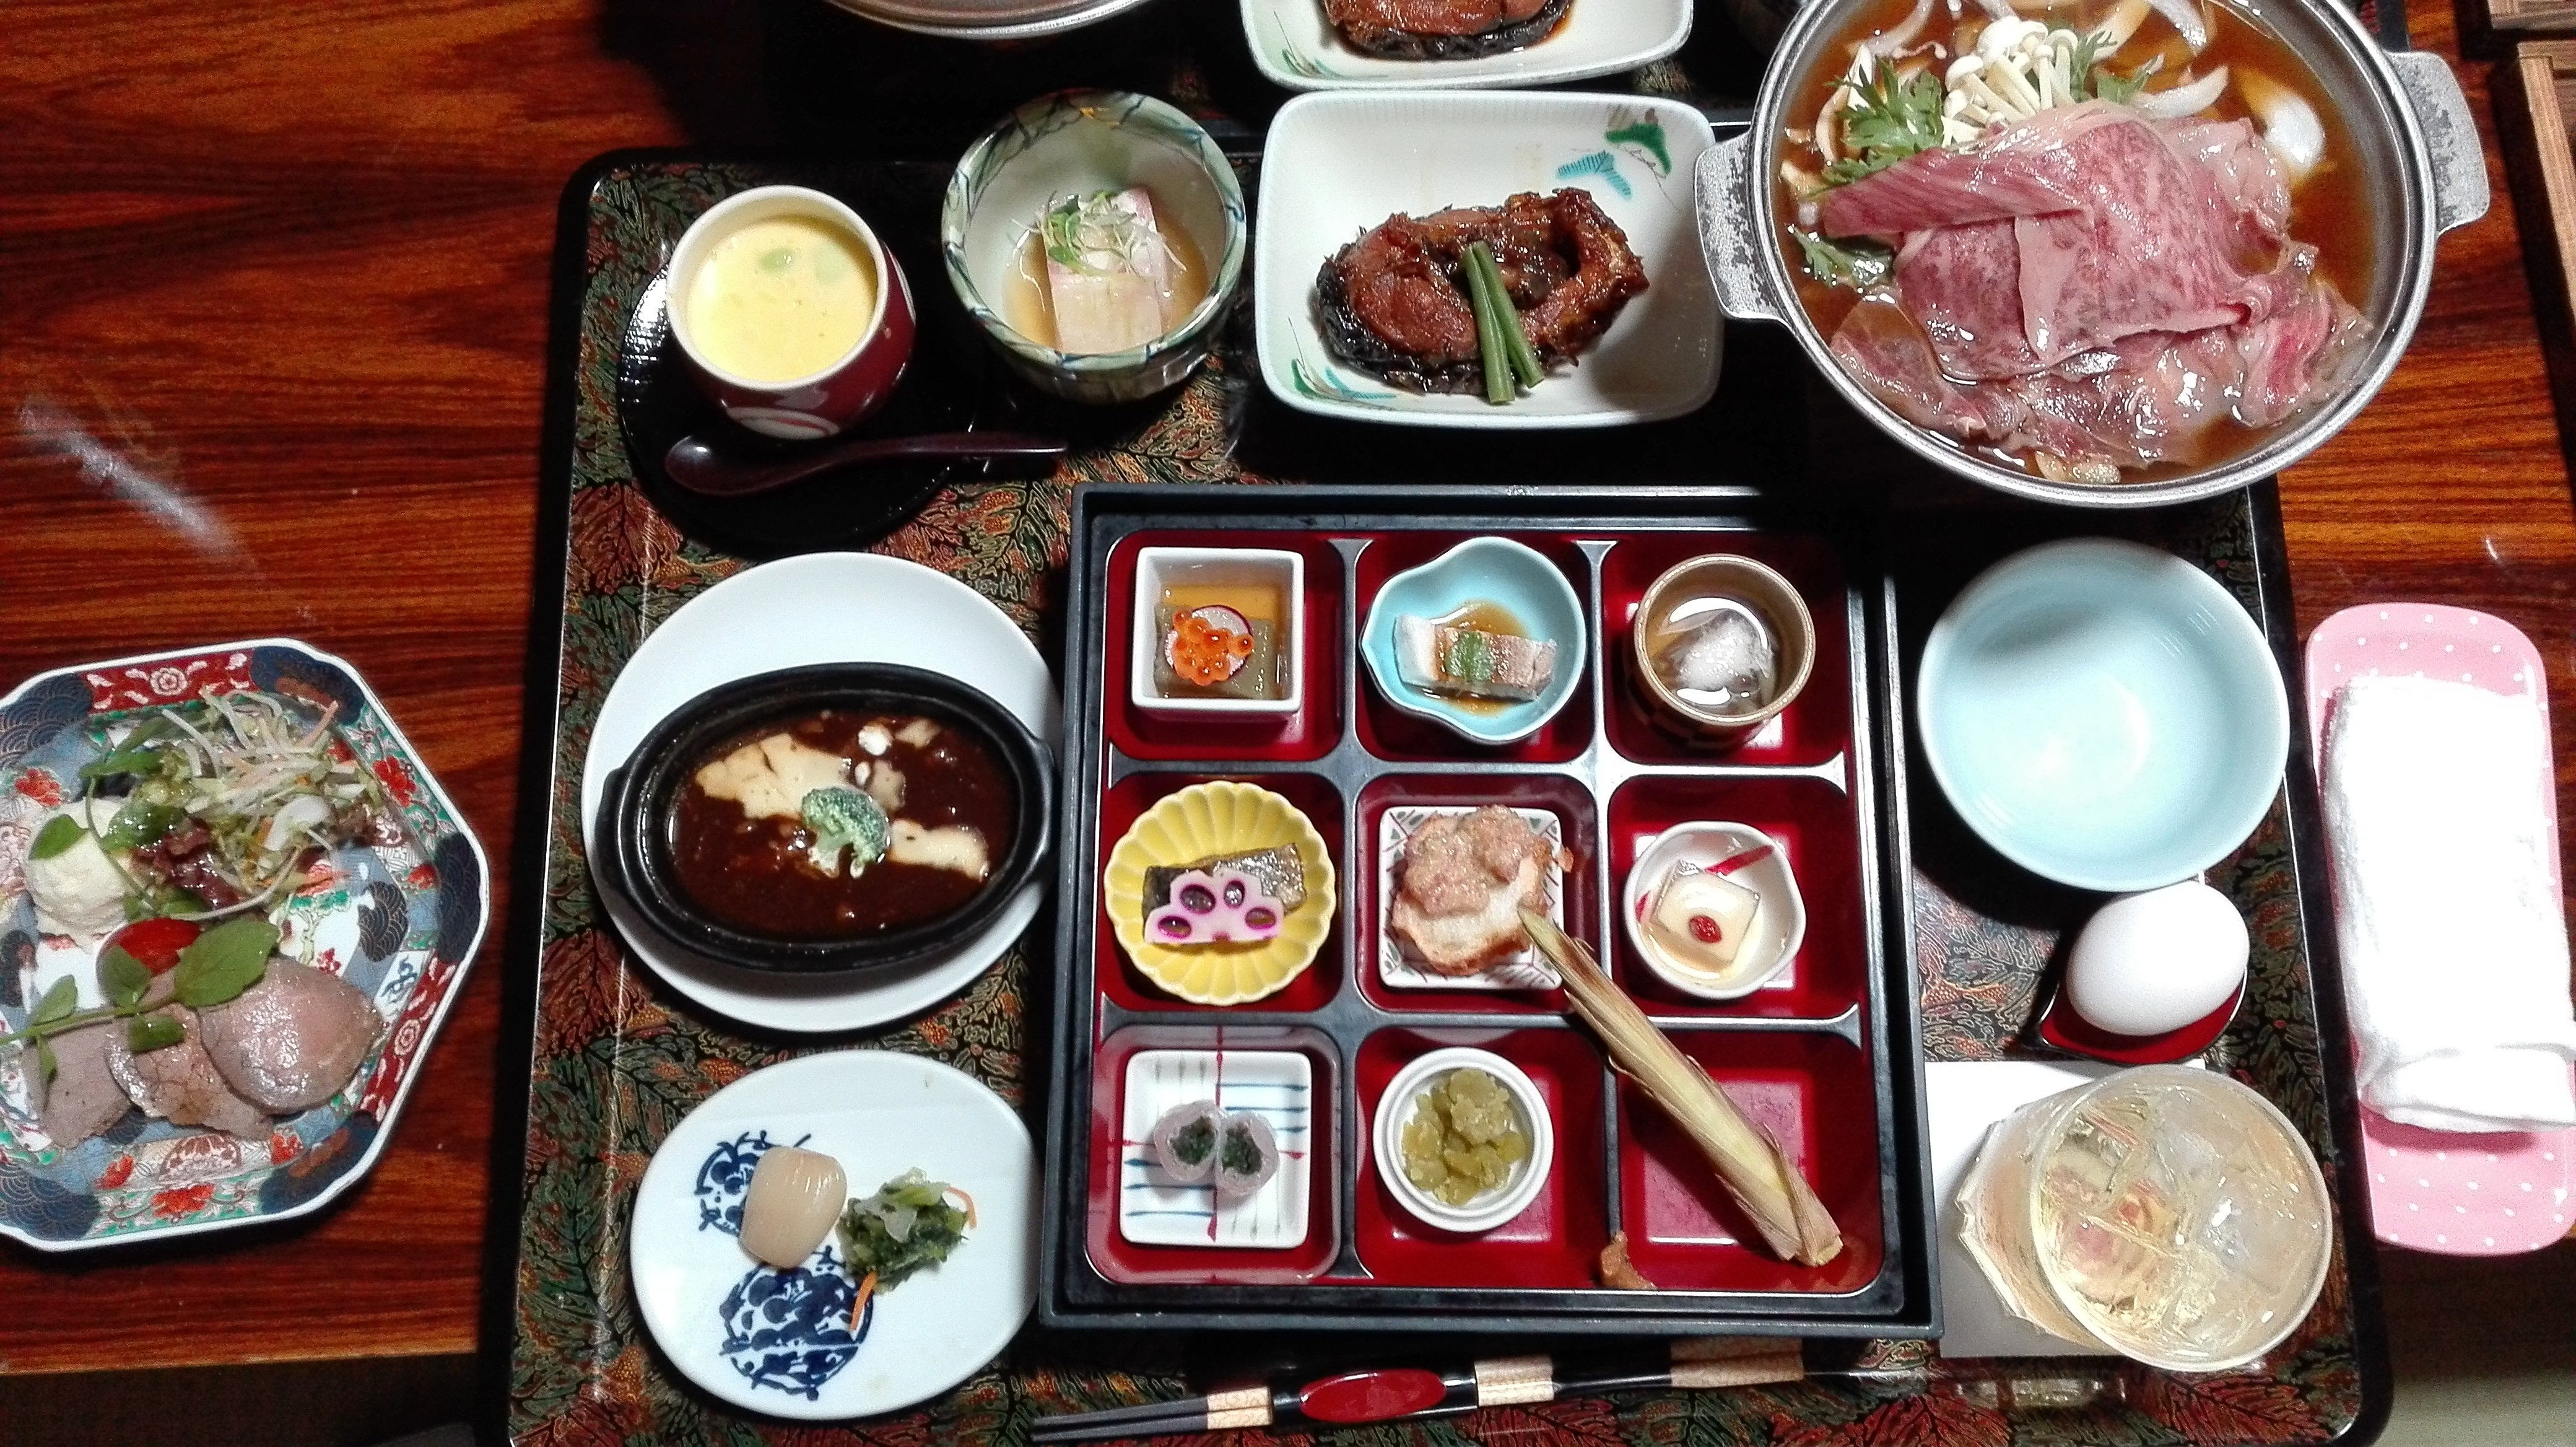 上山温泉に来ました!(*´ω`)場所は山形です♪これから食事///全…